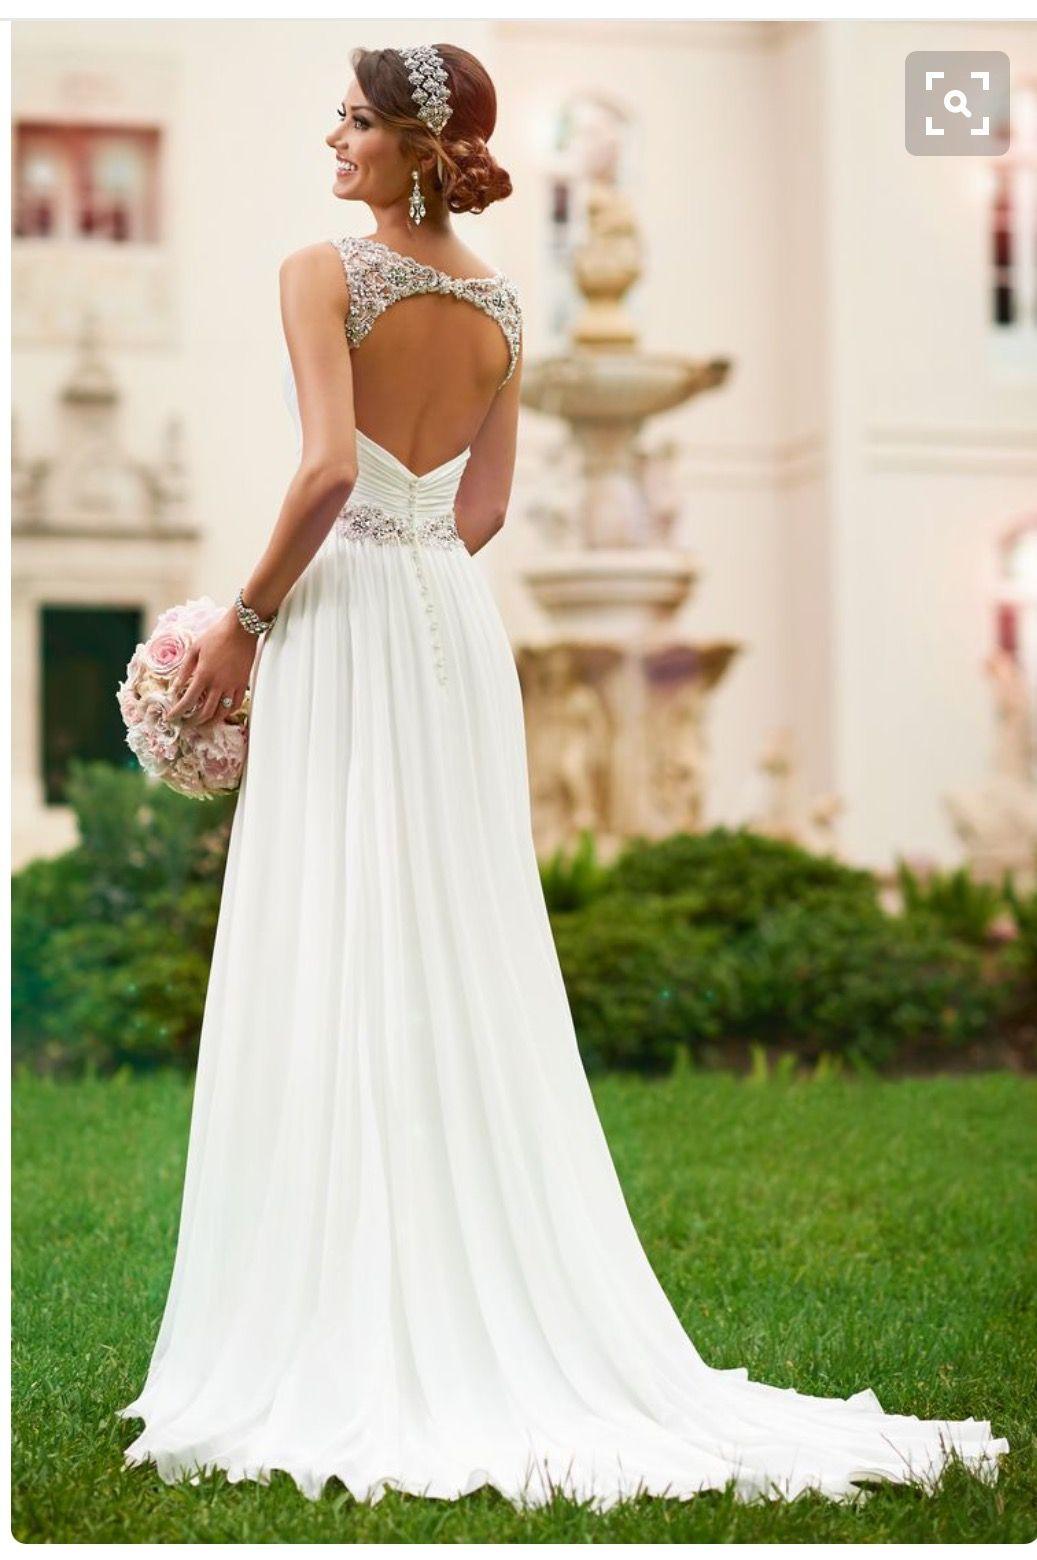 Pin by Bridget BradyRonnie on Fashionista Wedding